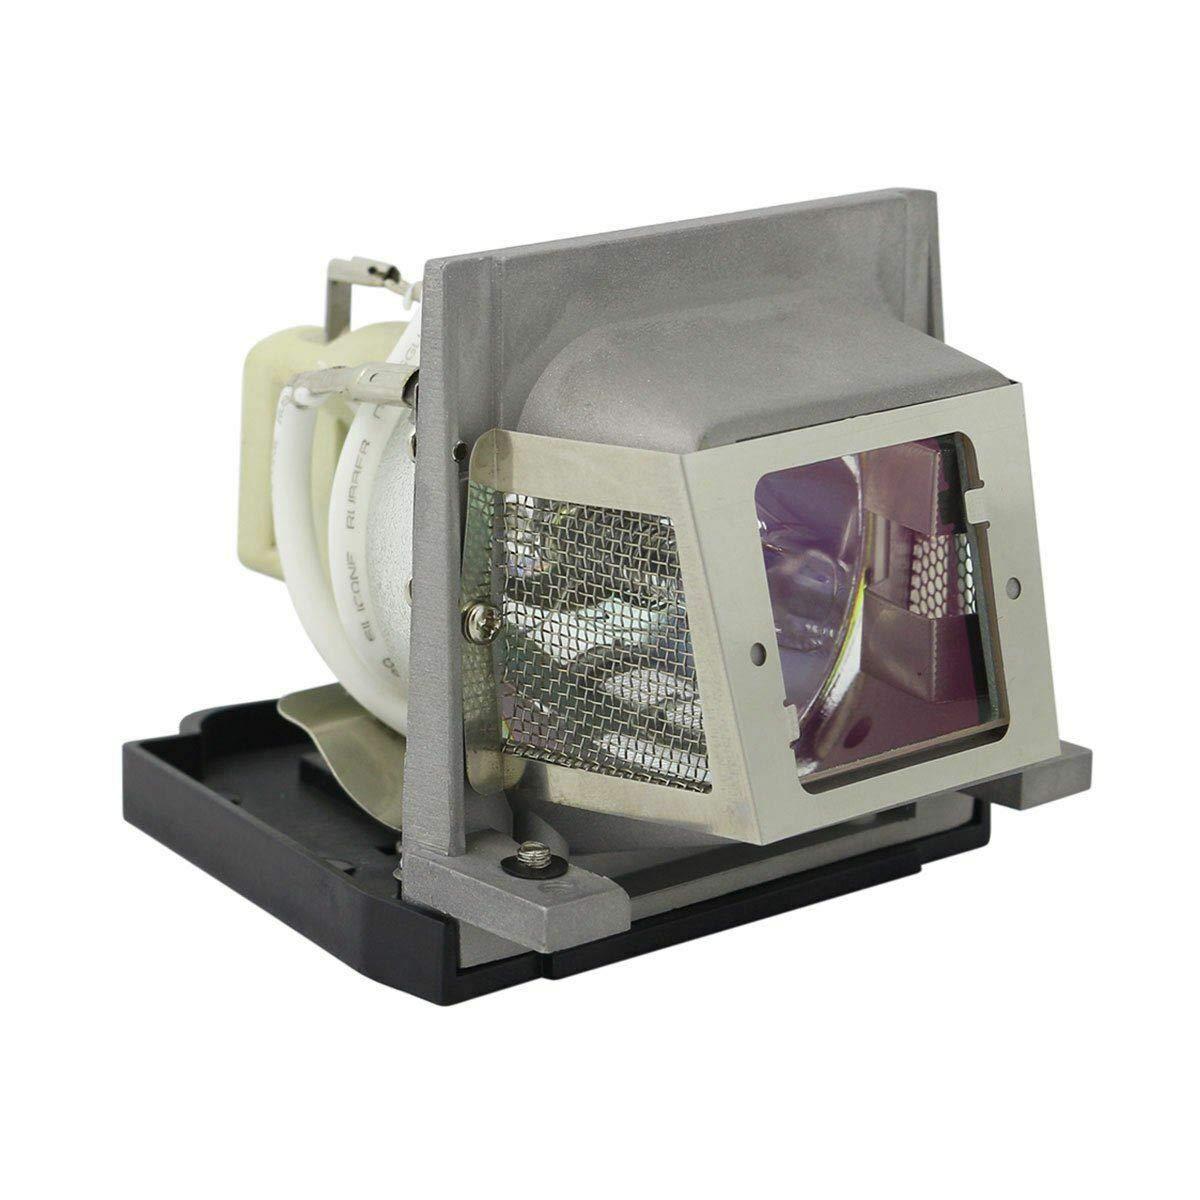 CTLAMP RLC-018 オリジナルランプバルブ ハウジング付き VIEWSONIC PJ506 / PJ506D / PJ506ED / PJ556 / PJ556D / PJ556EDに対応   B07PB1W3N5